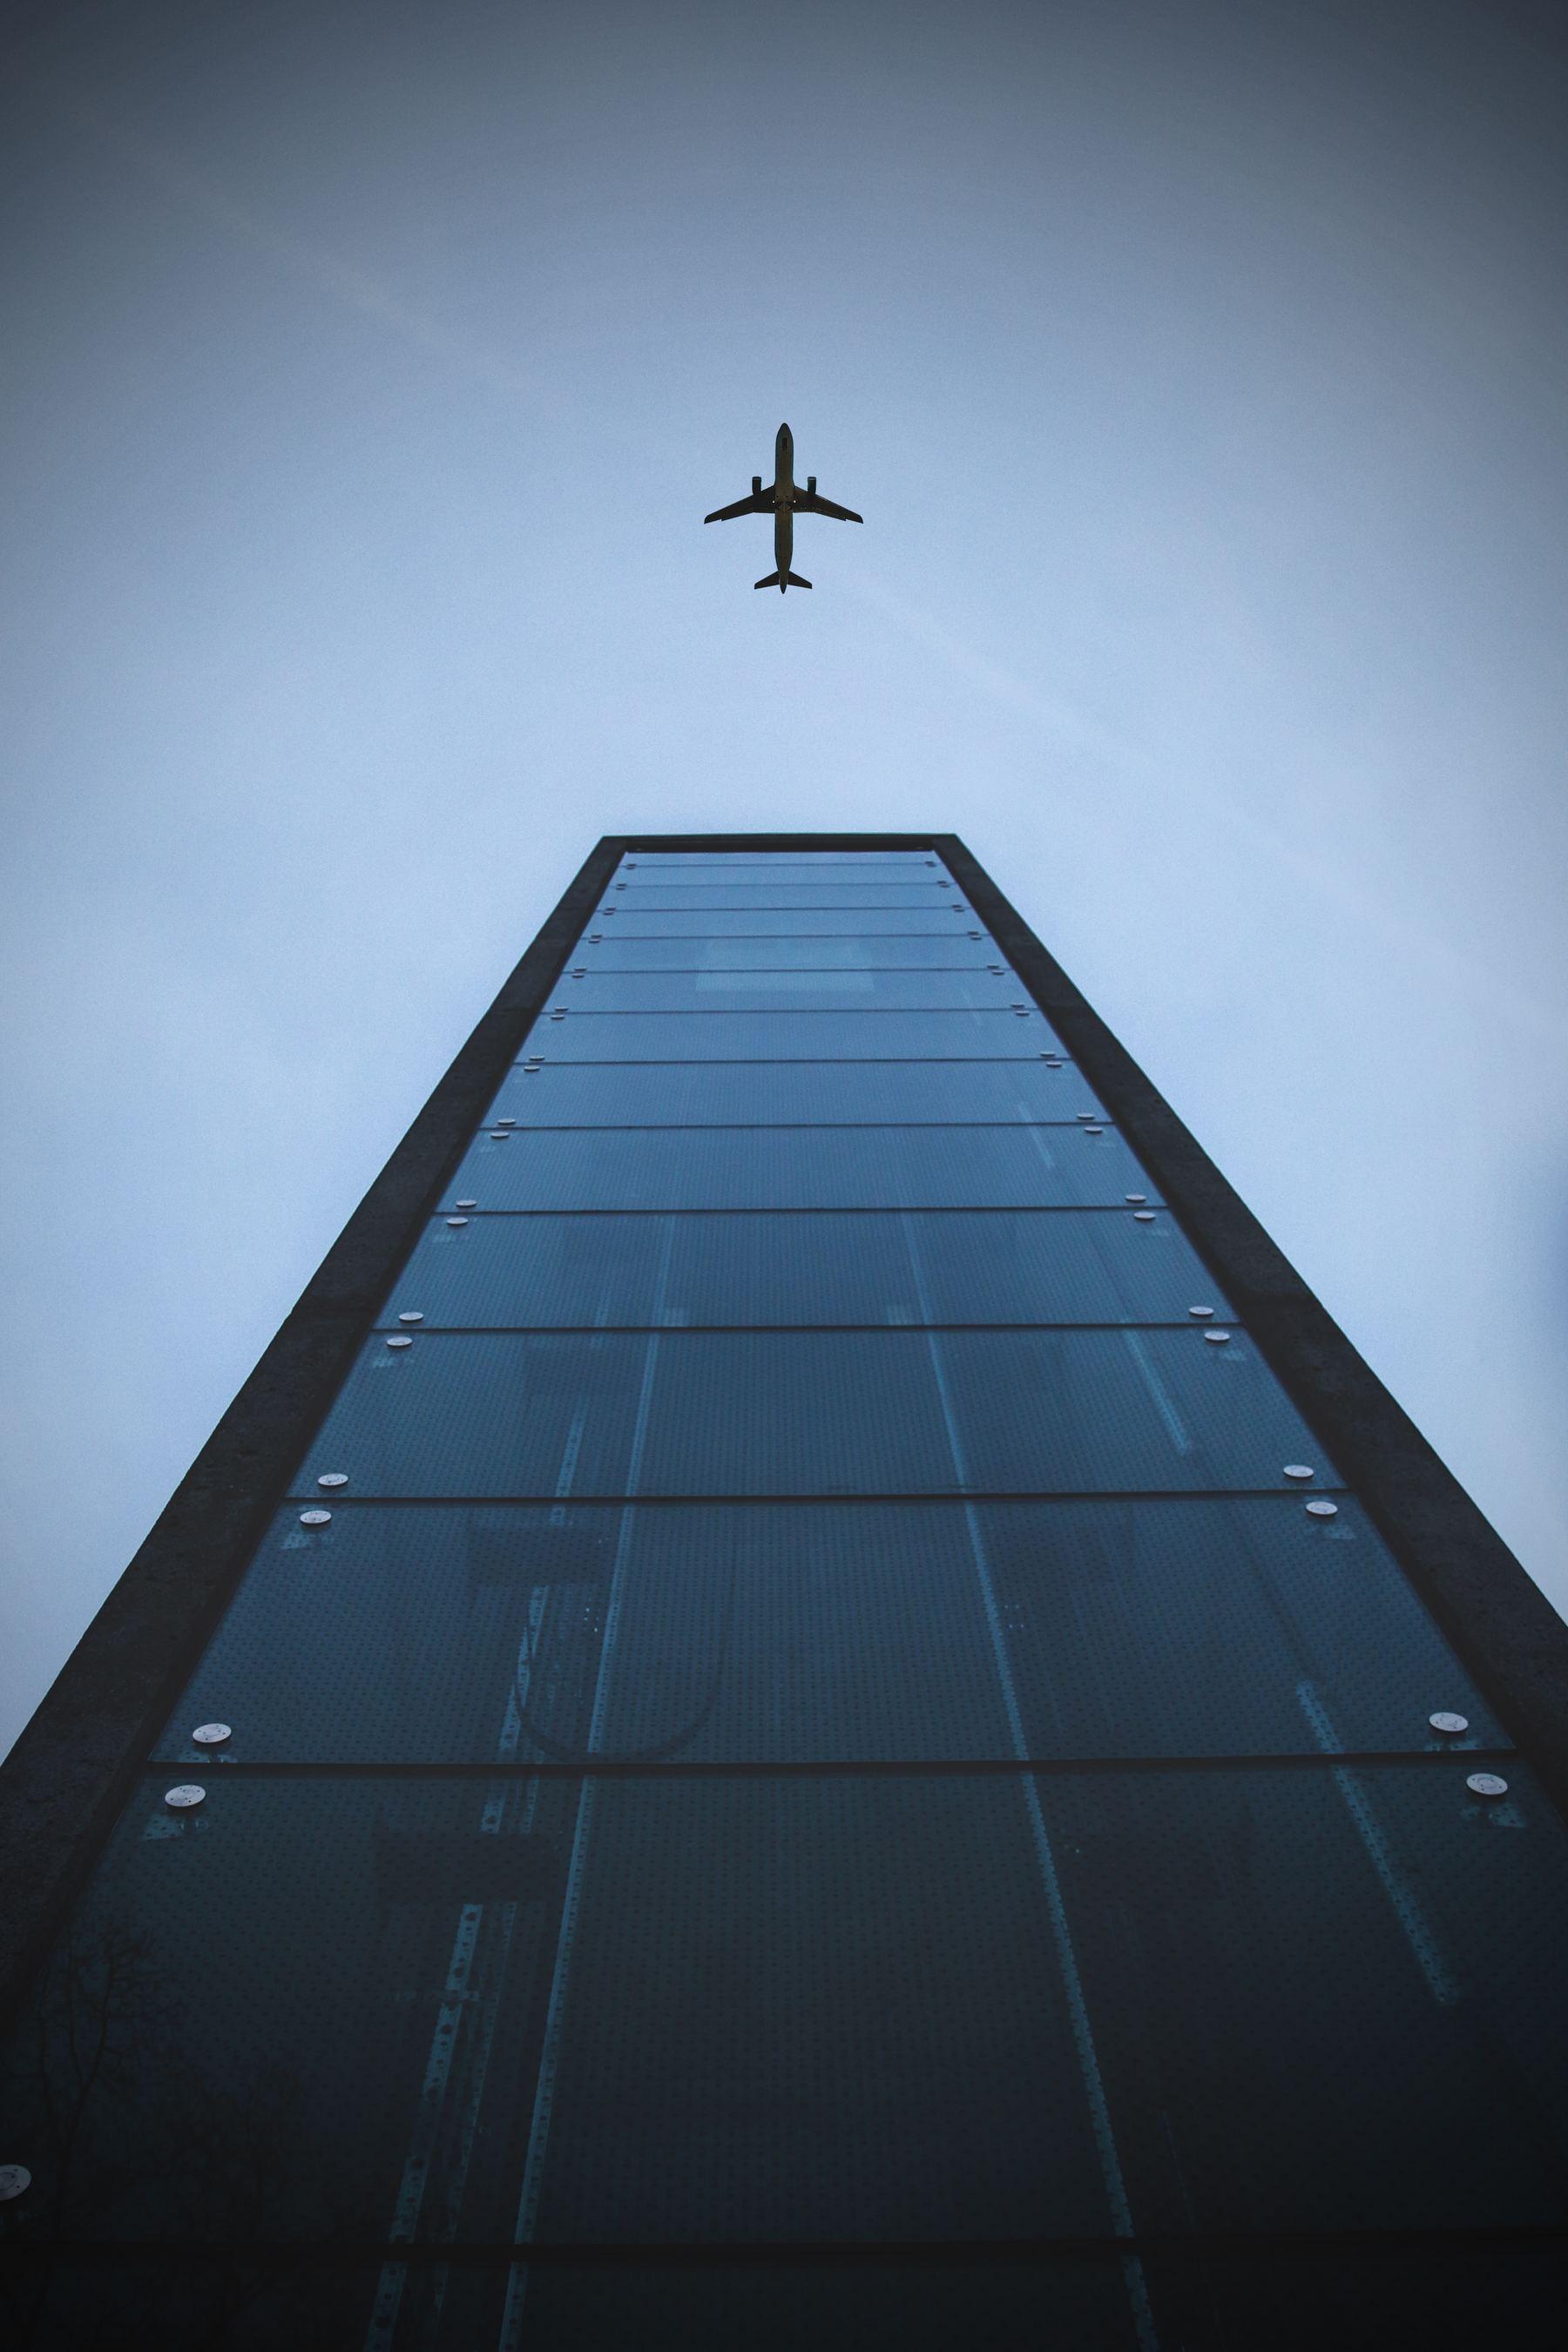 ¿Con cuánto tiempo de antelación debes estar en el aeropuerto para tu vuelo?